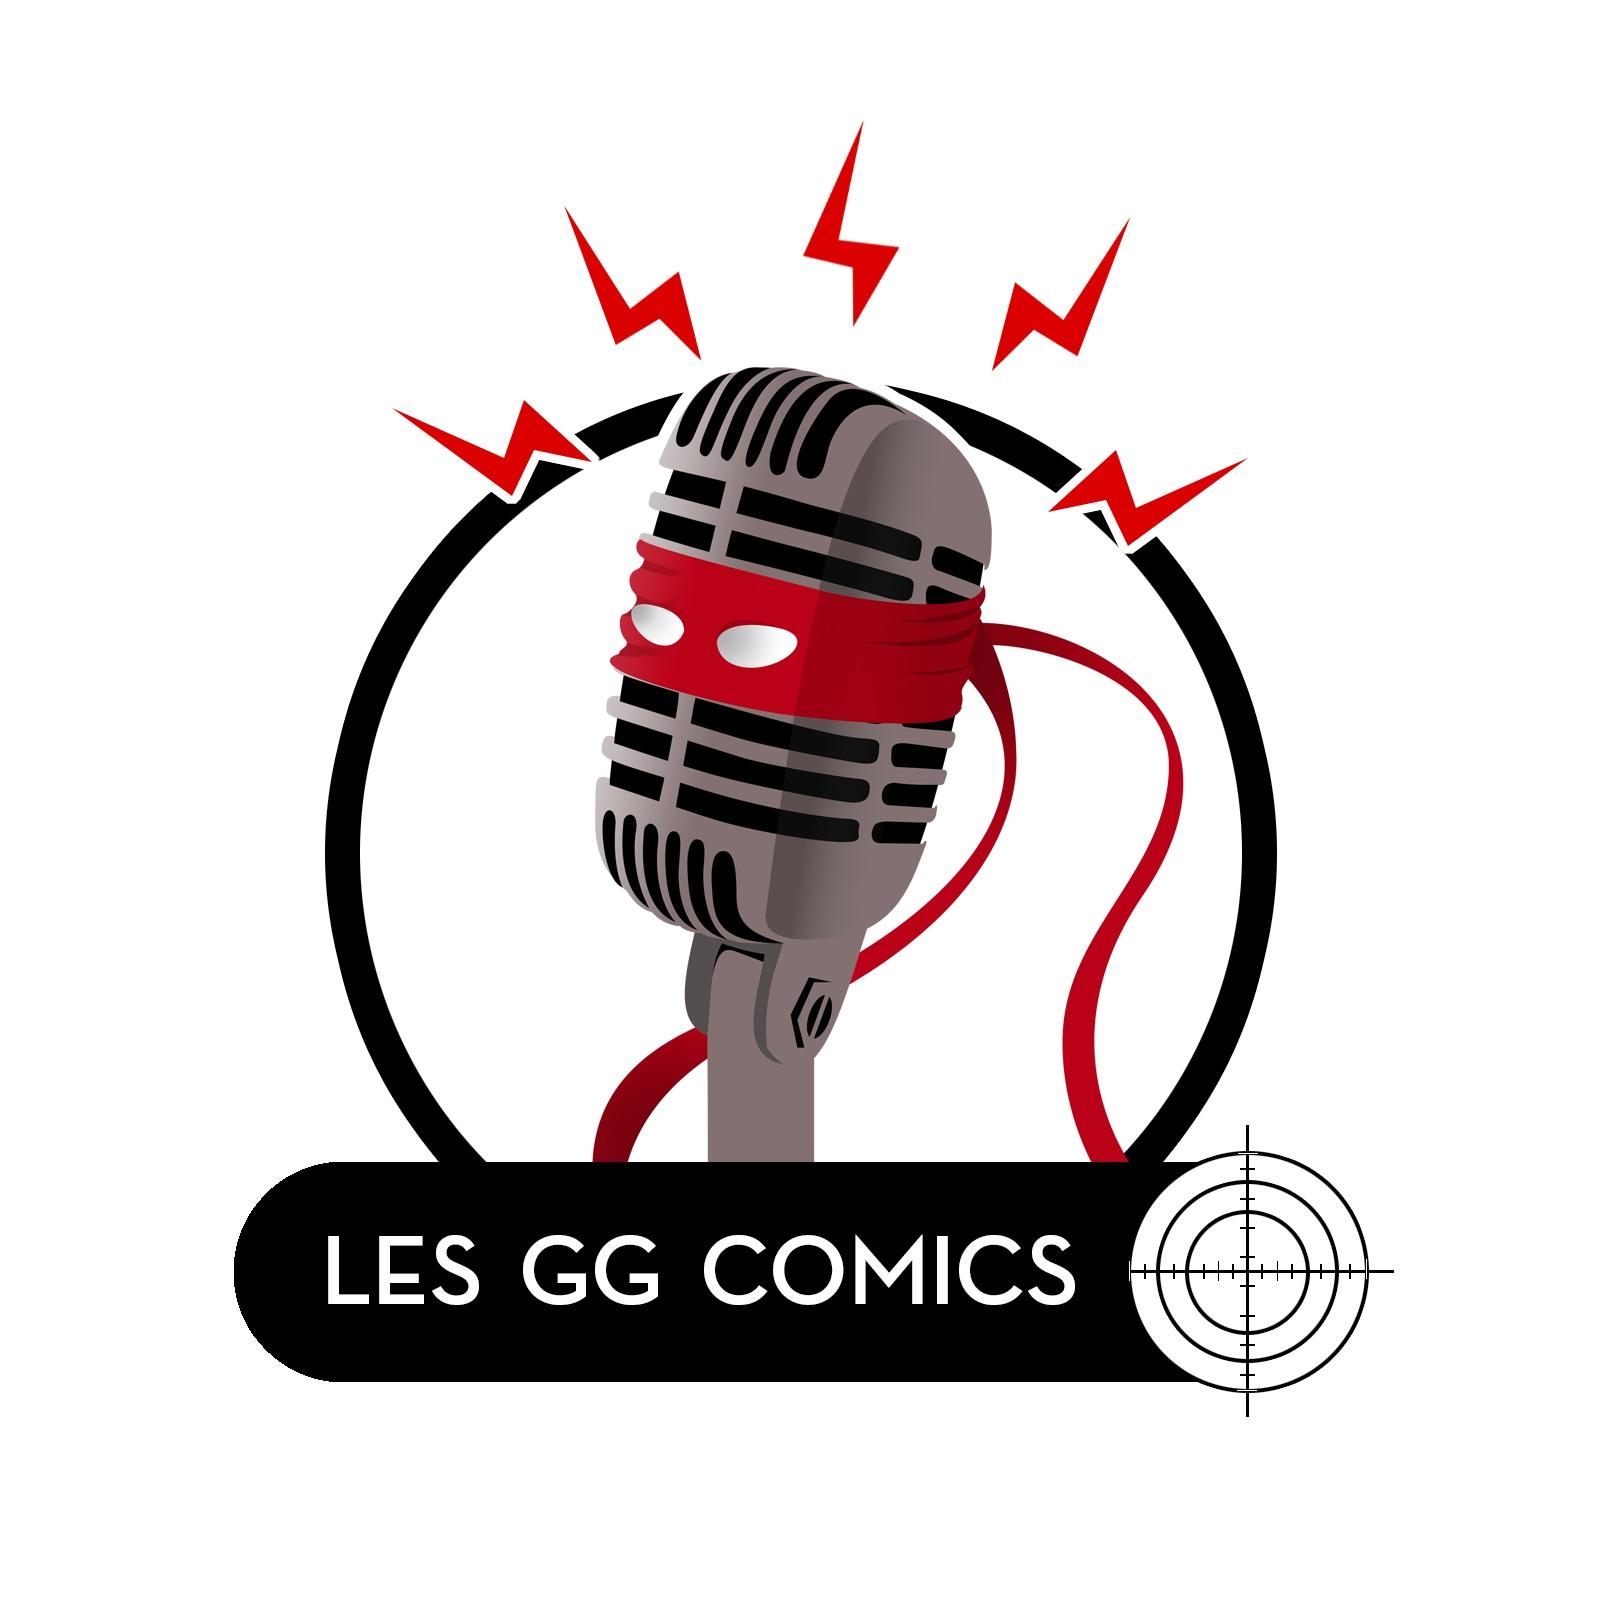 Les GG comics #053 : FAQ ET AUTRES QUESTIONS CONS 4